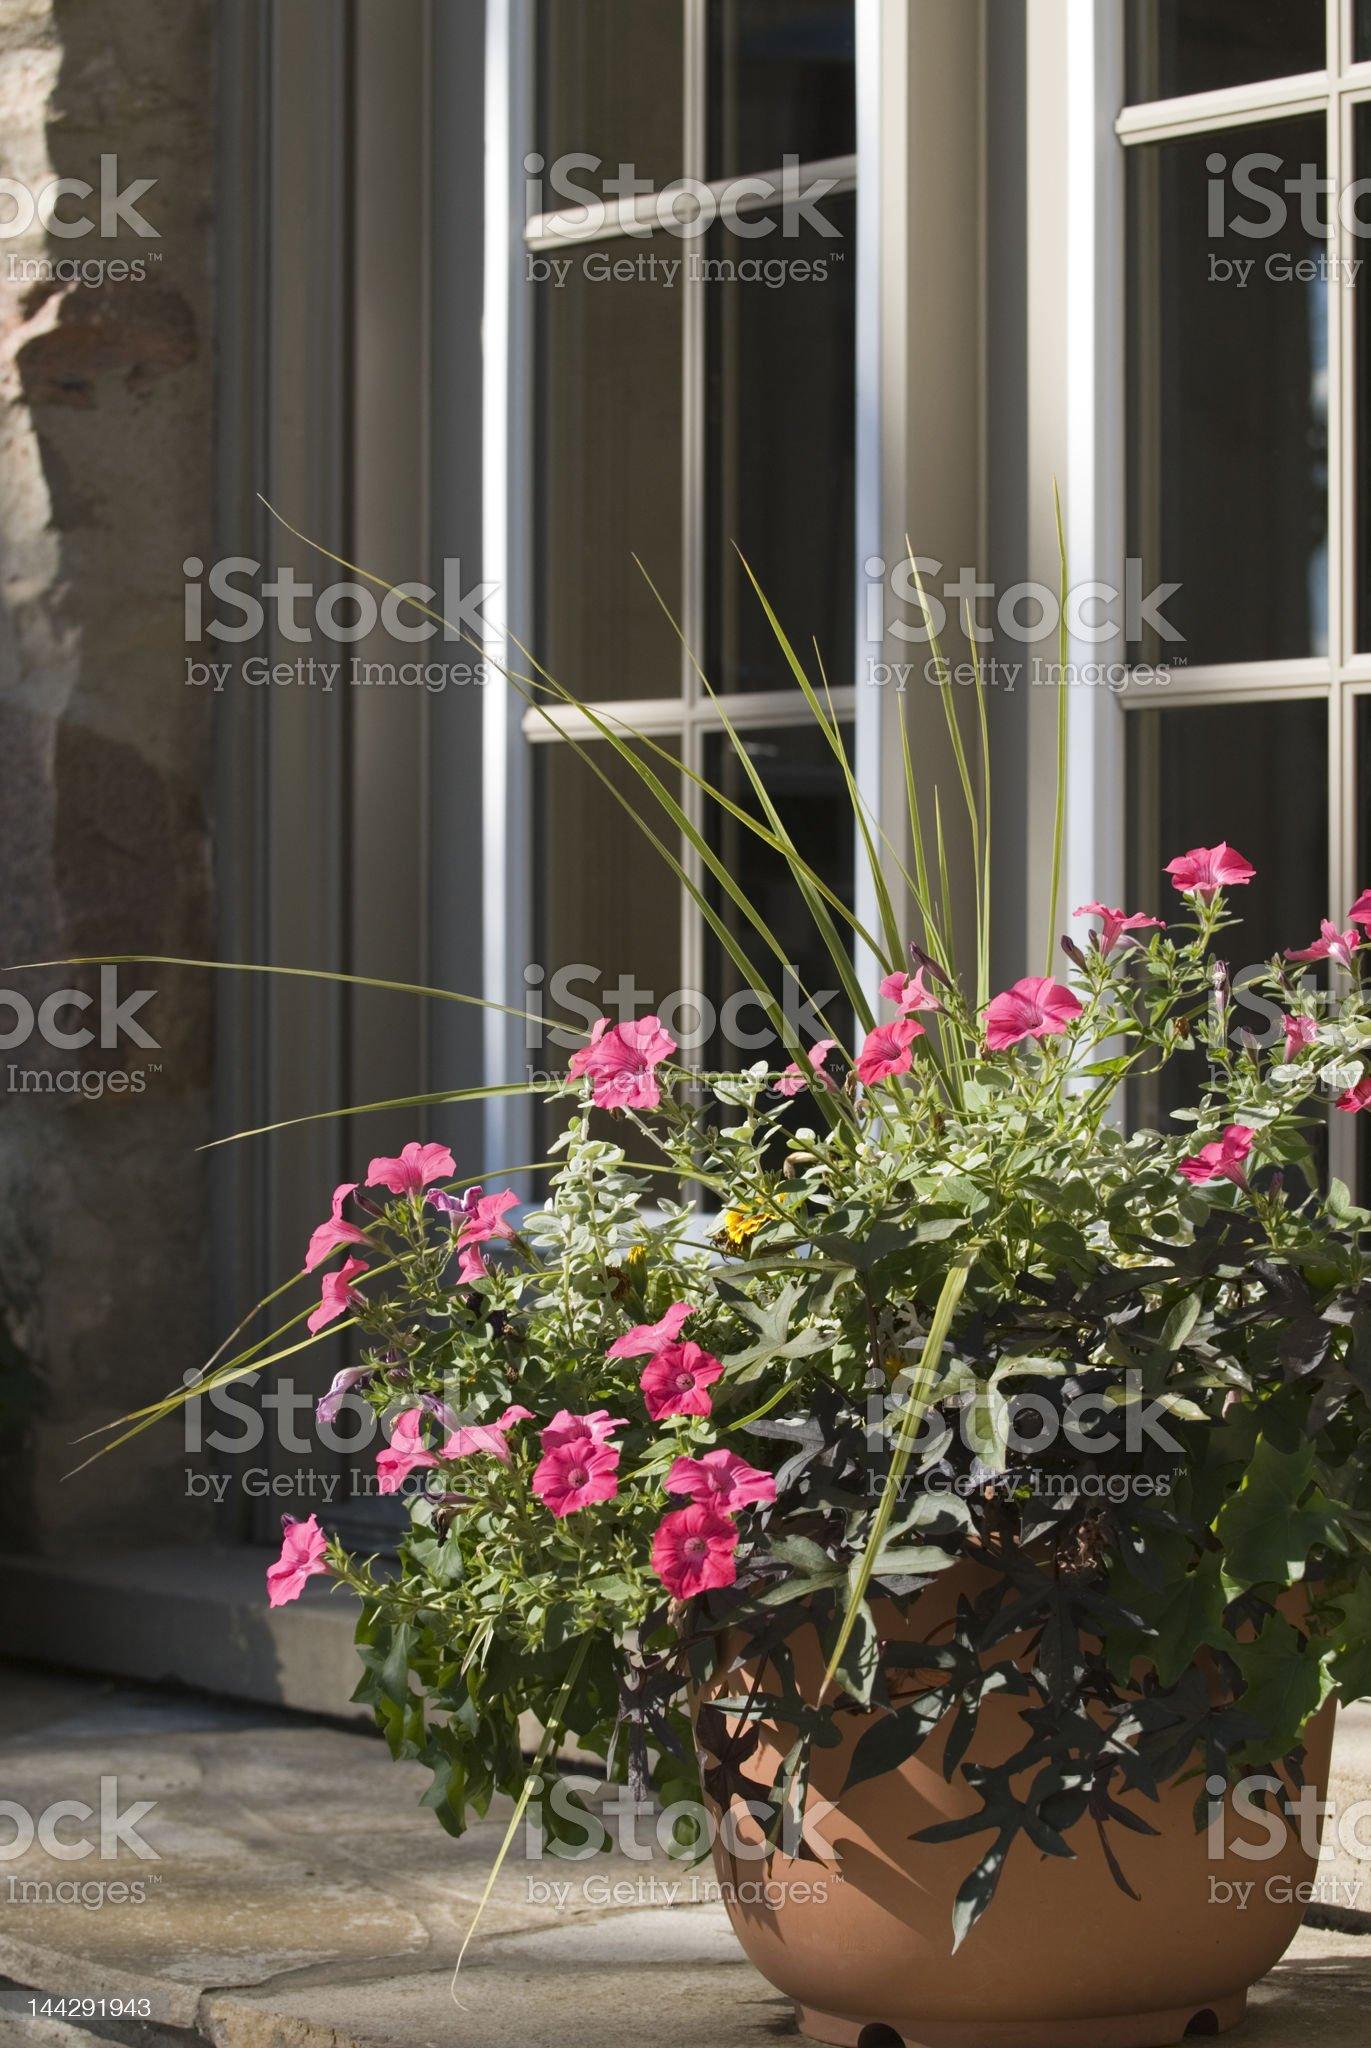 Flowers & Doorway royalty-free stock photo